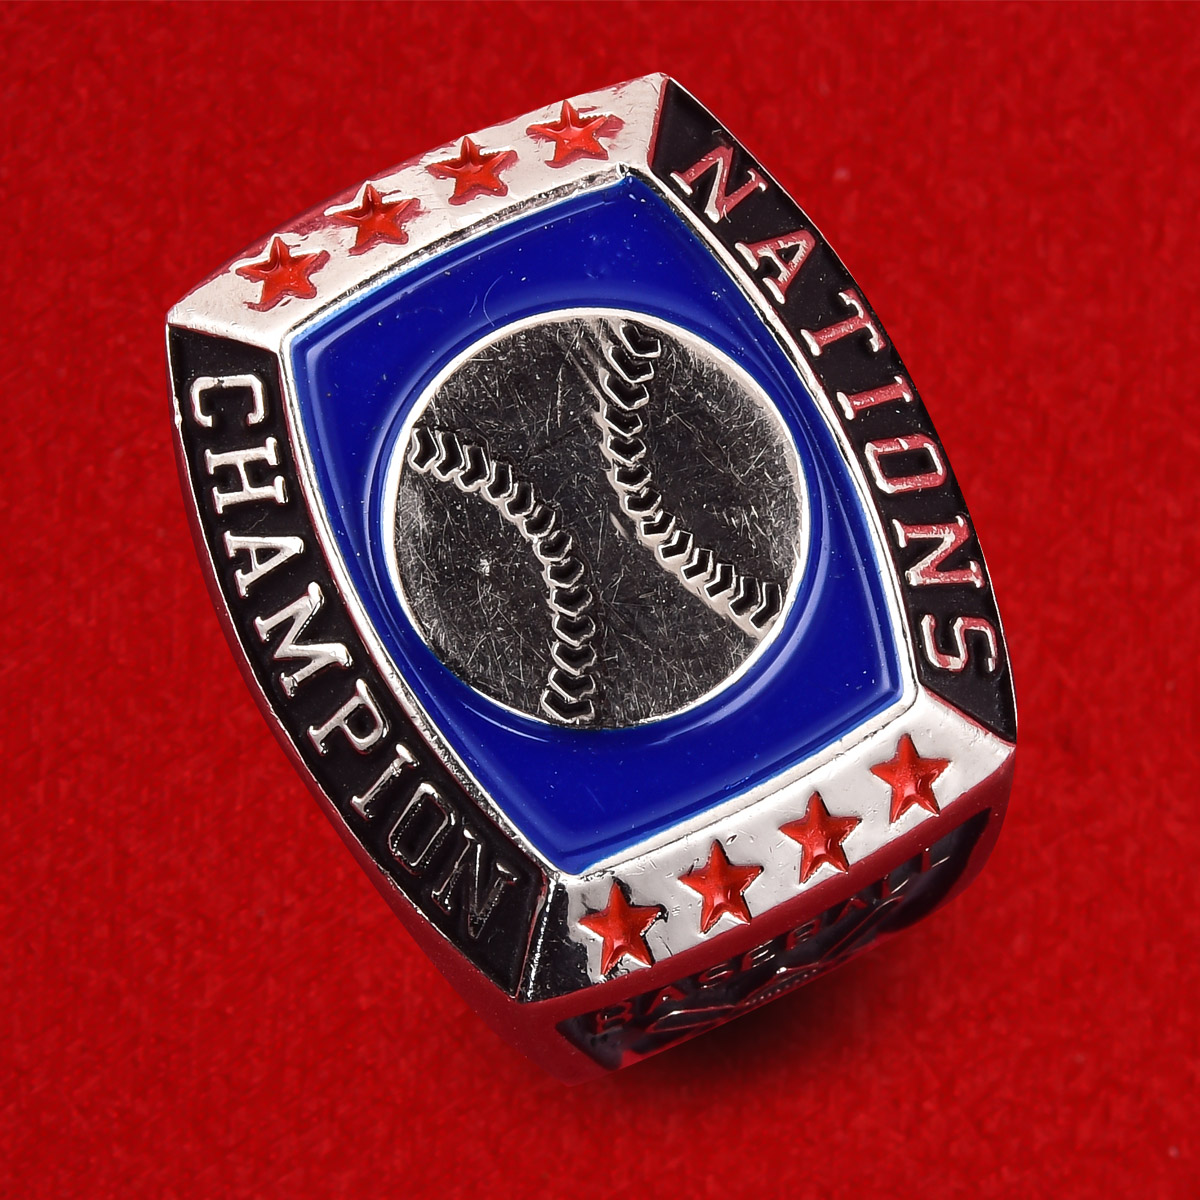 Перстень чемпионов юношеских лиг США по бейсболу